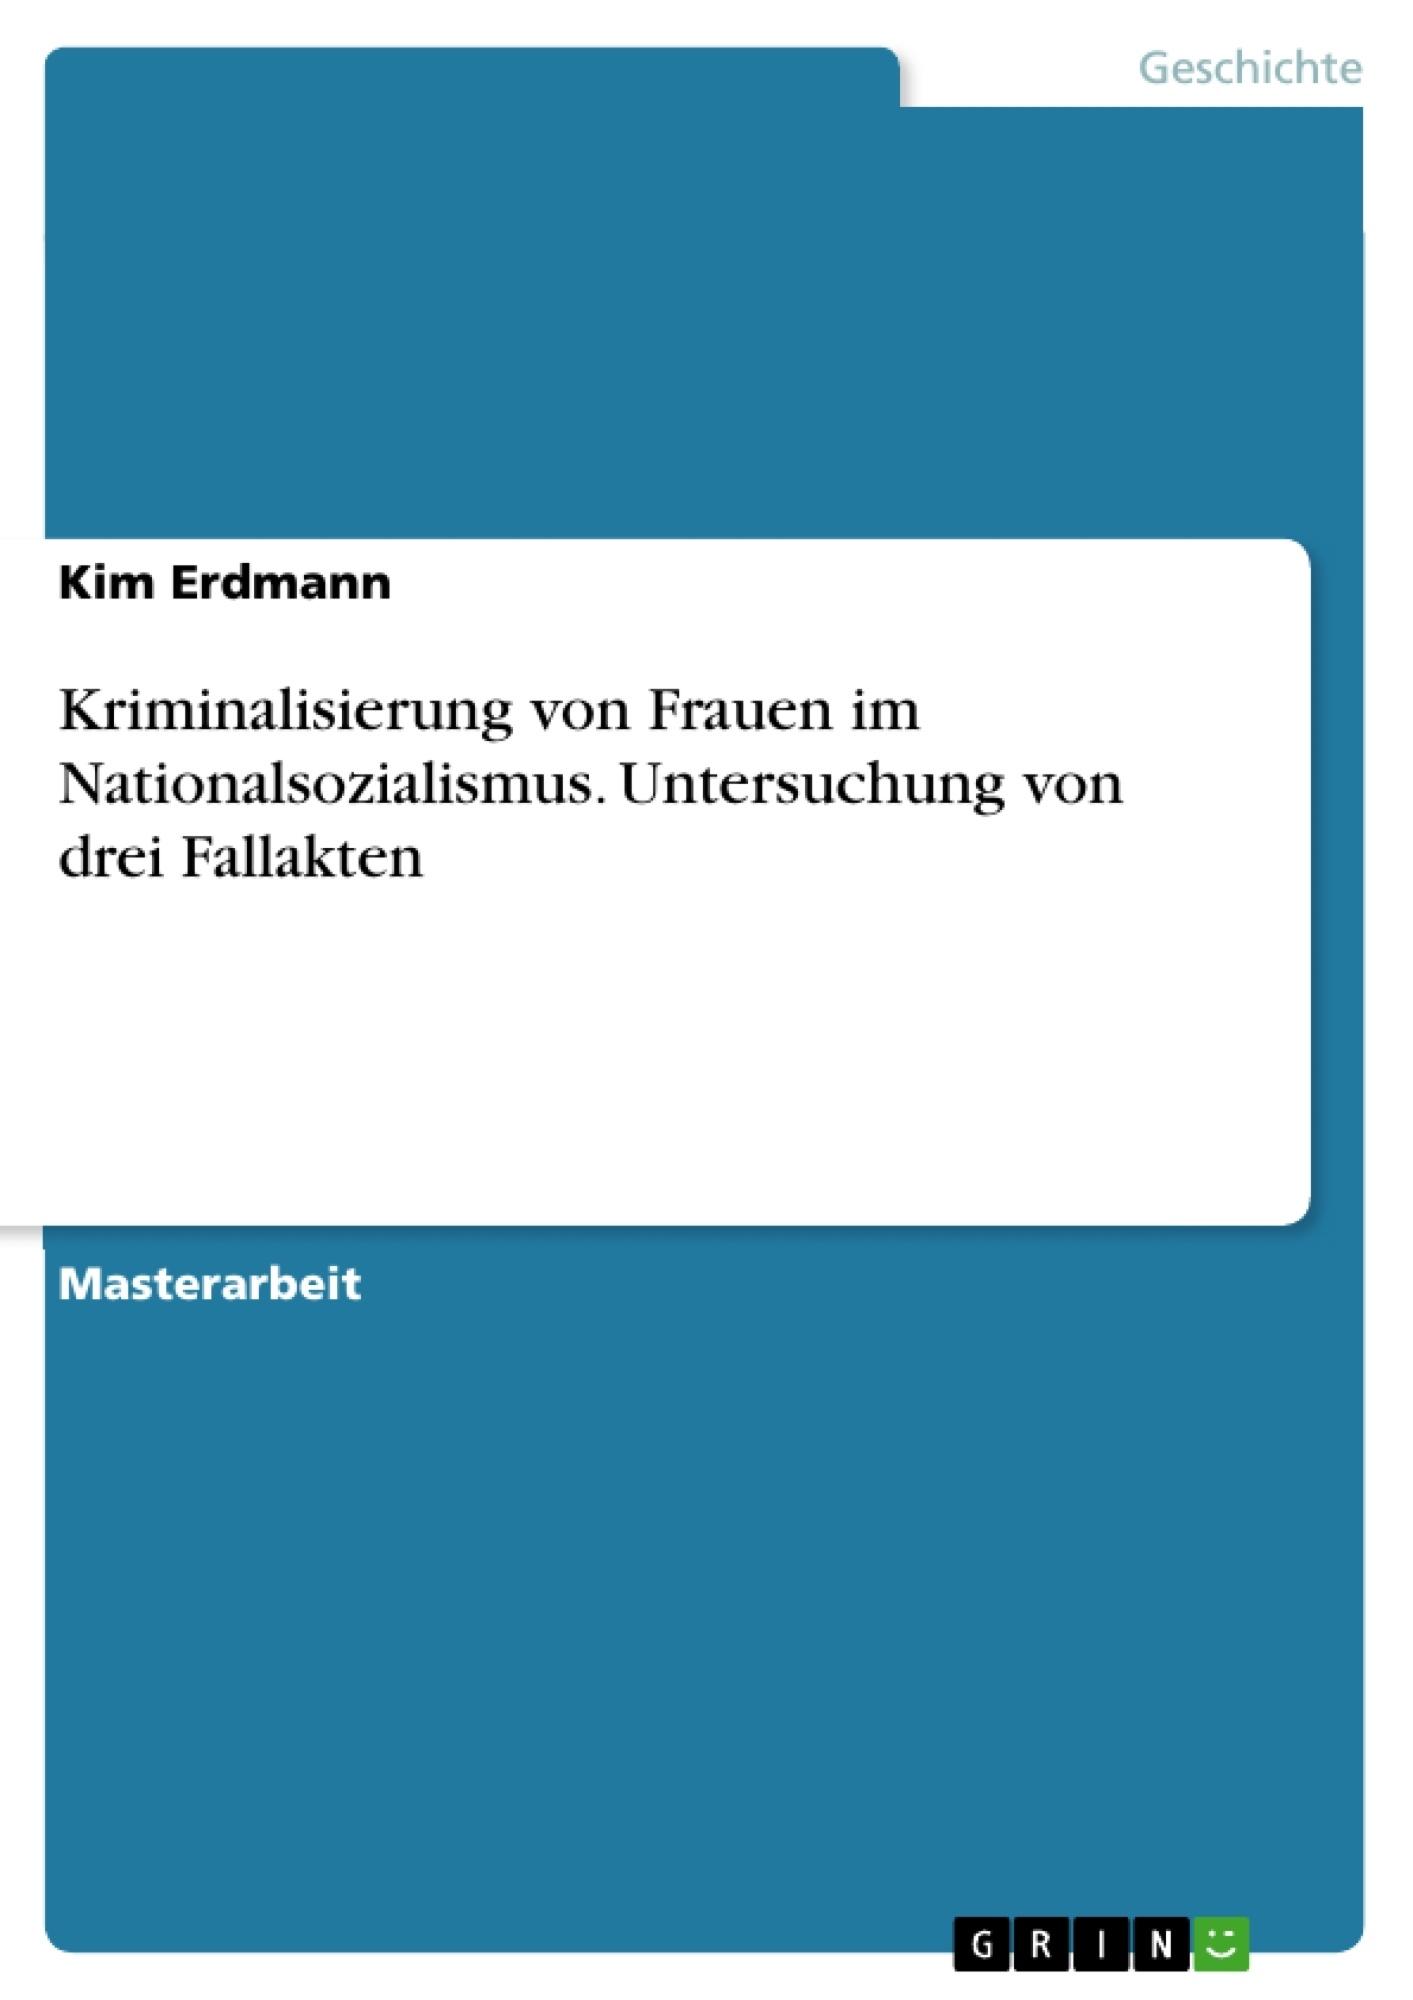 Titel: Kriminalisierung von Frauen im Nationalsozialismus. Untersuchung von drei Fallakten